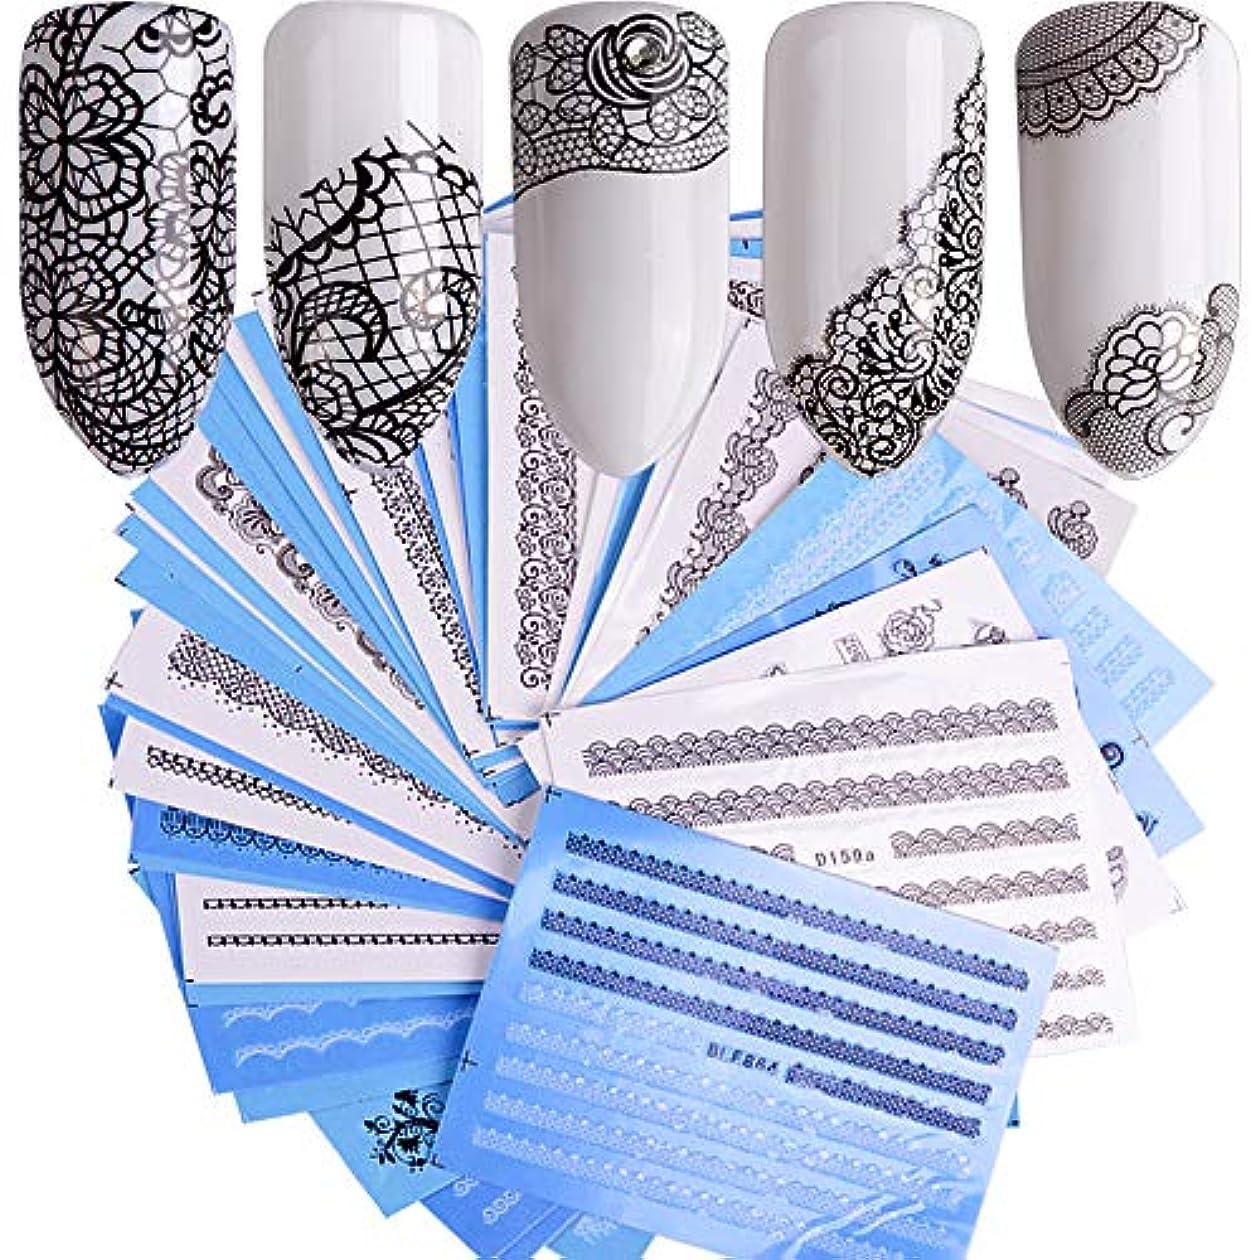 慣れる外観他にSUKTI&XIAO ネイルステッカー 40枚ネイルアートデカールステッカー白黒水デカールレースフラワーセットスライダーネイルのヒントマニキュア装飾ツール